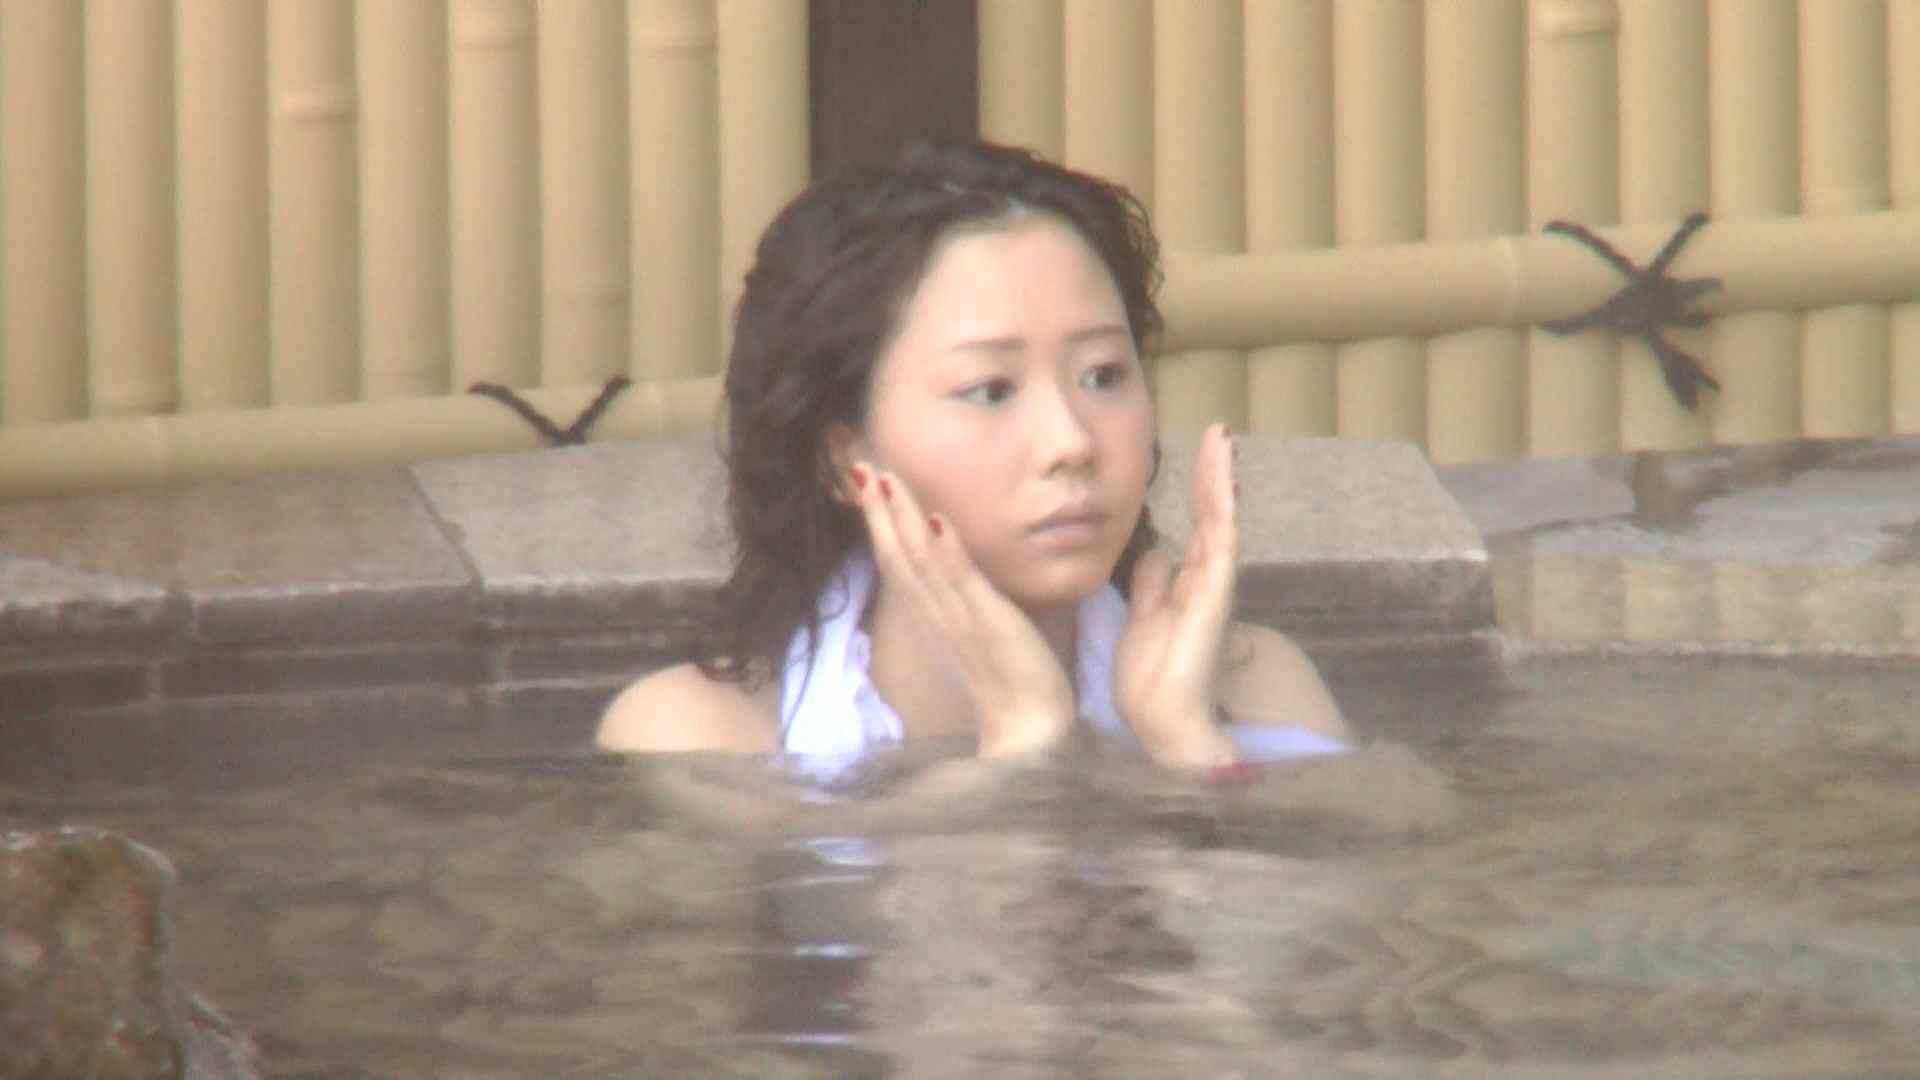 Aquaな露天風呂Vol.211 OLのエロ生活  91連発 6